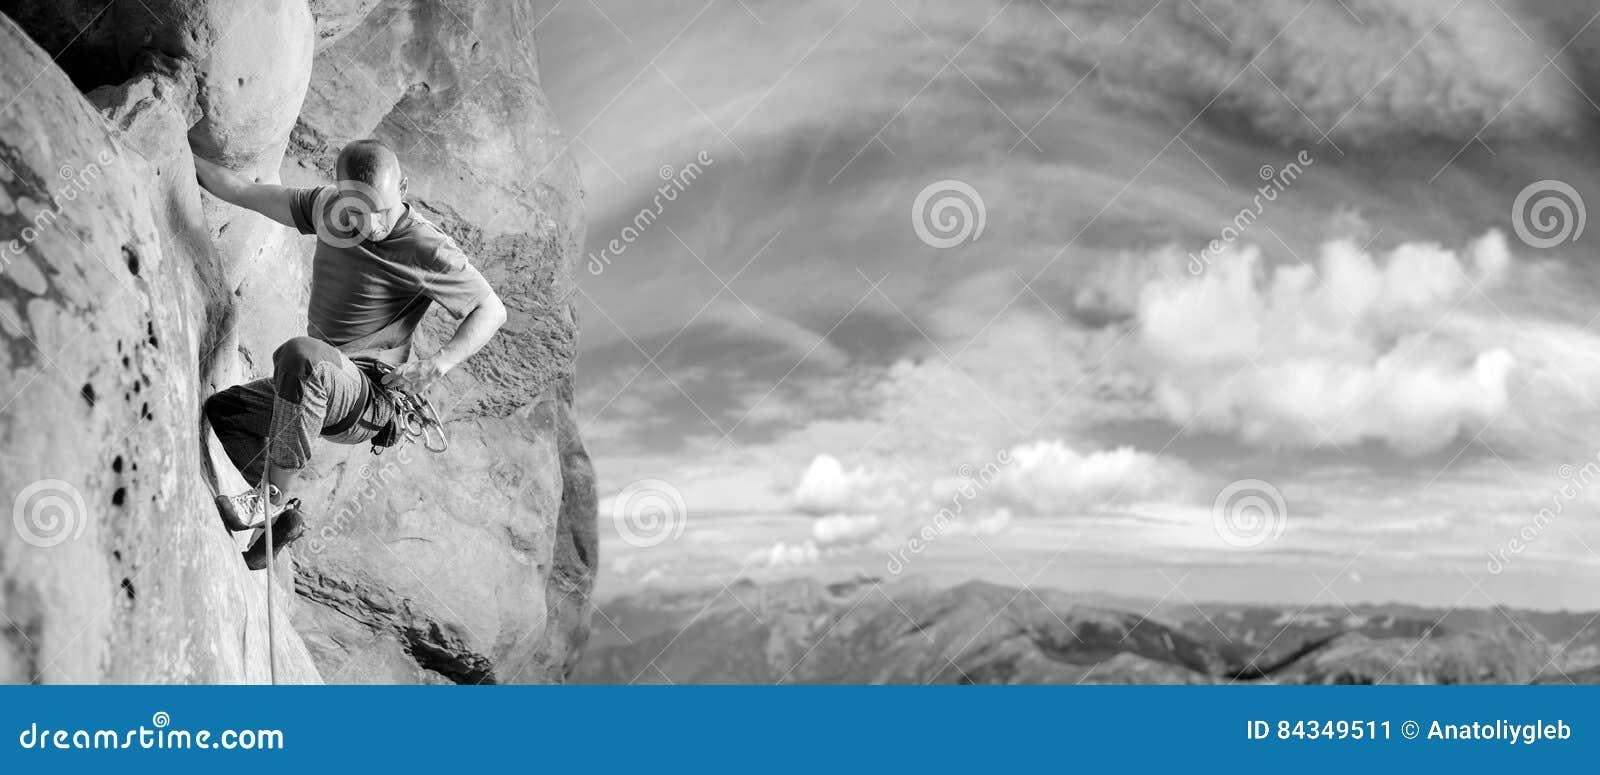 Manlig klättrare som klättrar den stora stenblocket i natur med repet